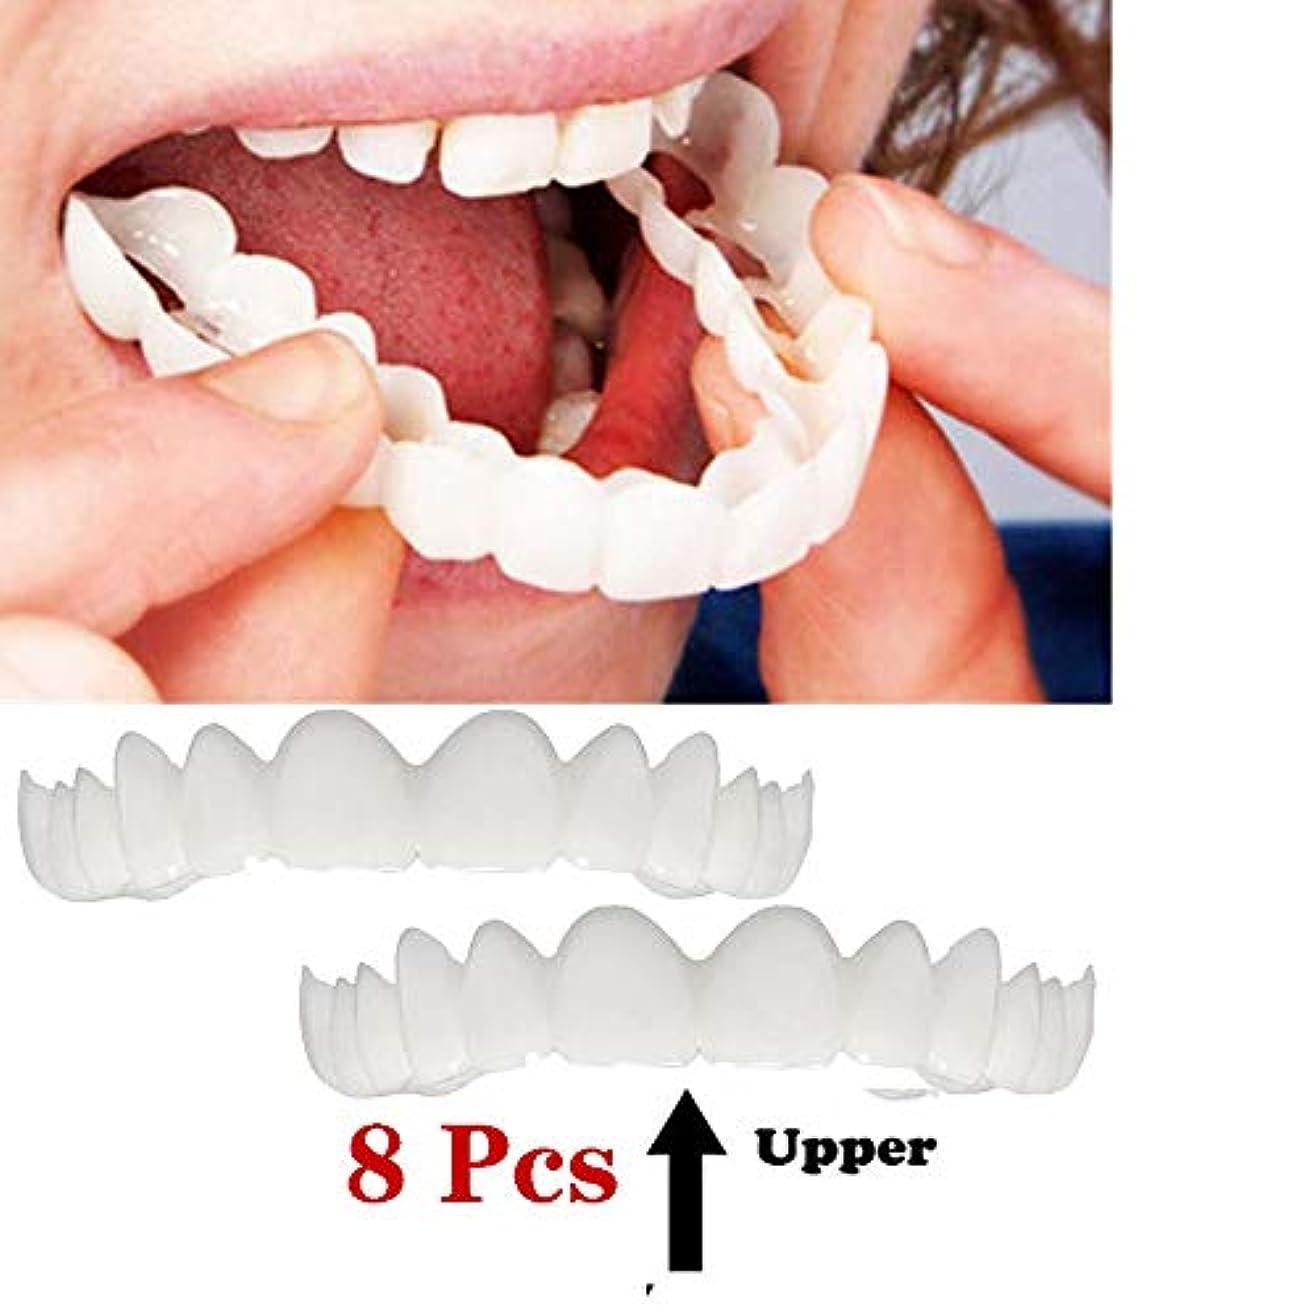 遅い体操更新8ピース突き板歯仮化粧品歯義歯歯模擬ブレースアッパーブレースホワイトニング歯スナップキャップインスタント快適なフレックスパーフェクトベニア